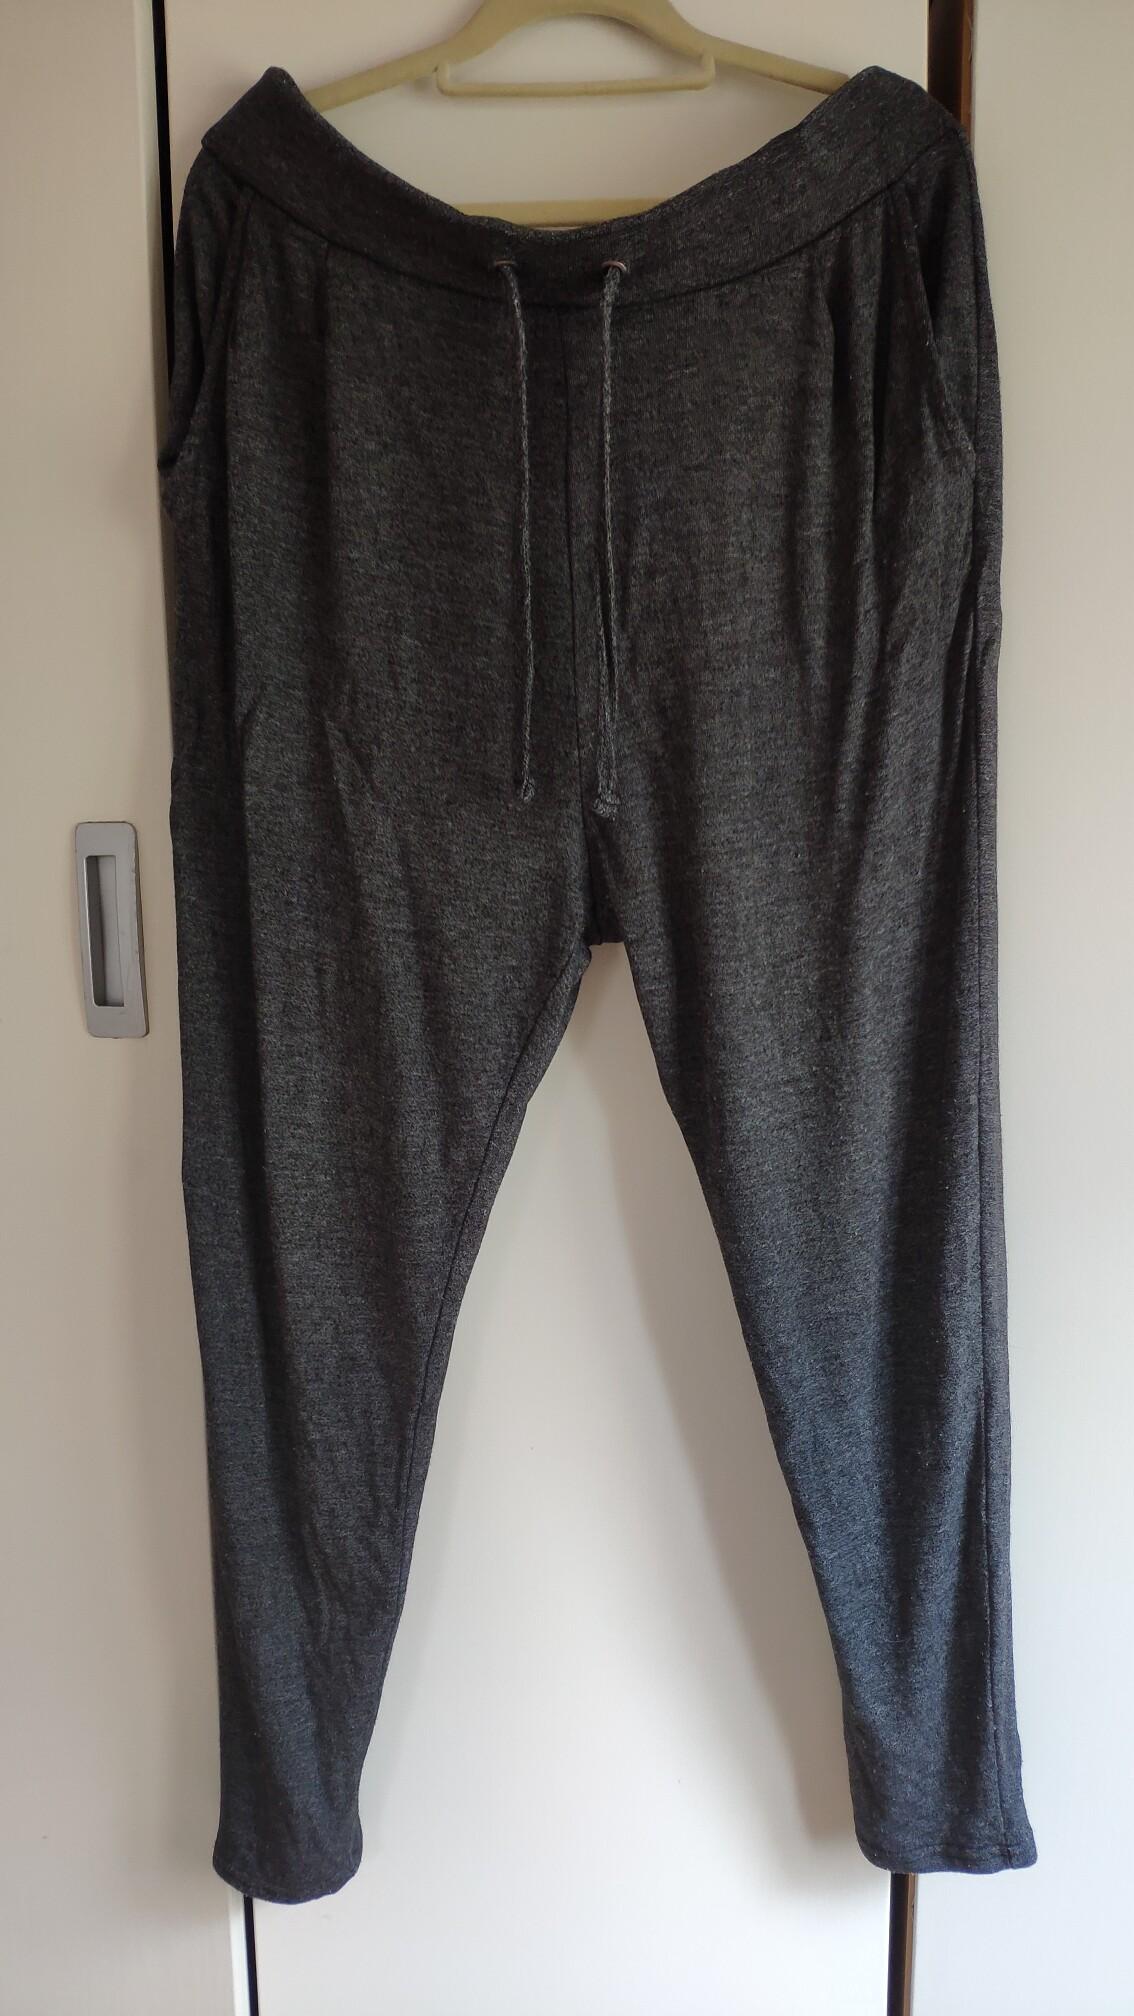 正品H&M 哈伦裤。不卖假货,假的吃了。。。M码,三个口袋,